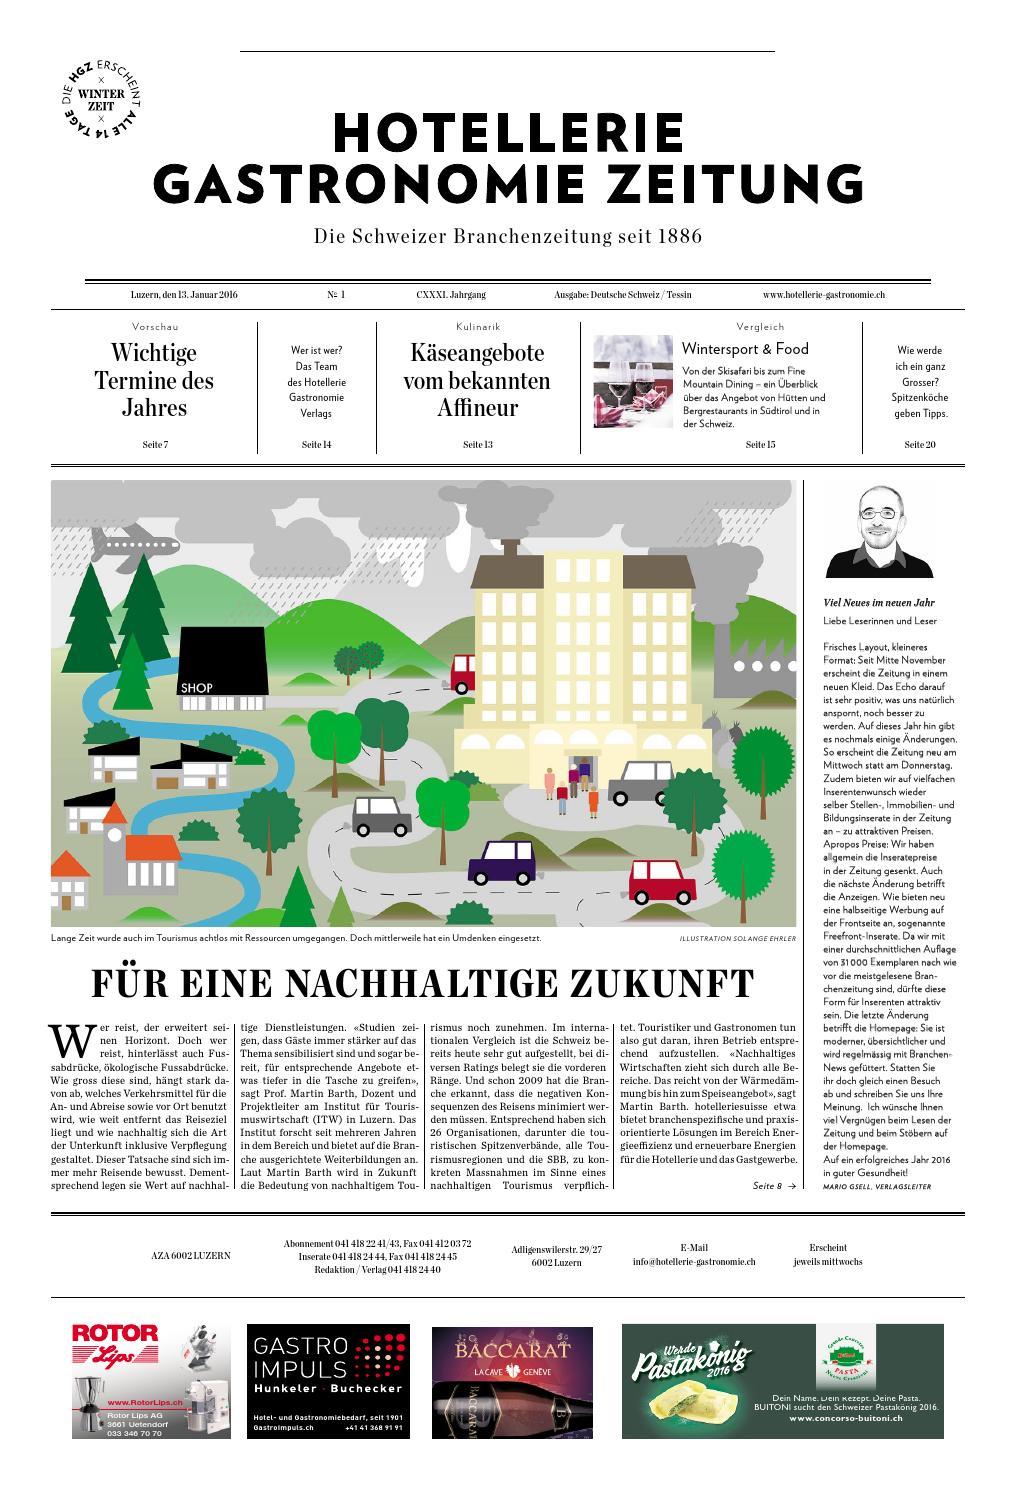 HG-Zeitung 1/2016 by Hotellerie_Gastronomie_Verlag - issuu